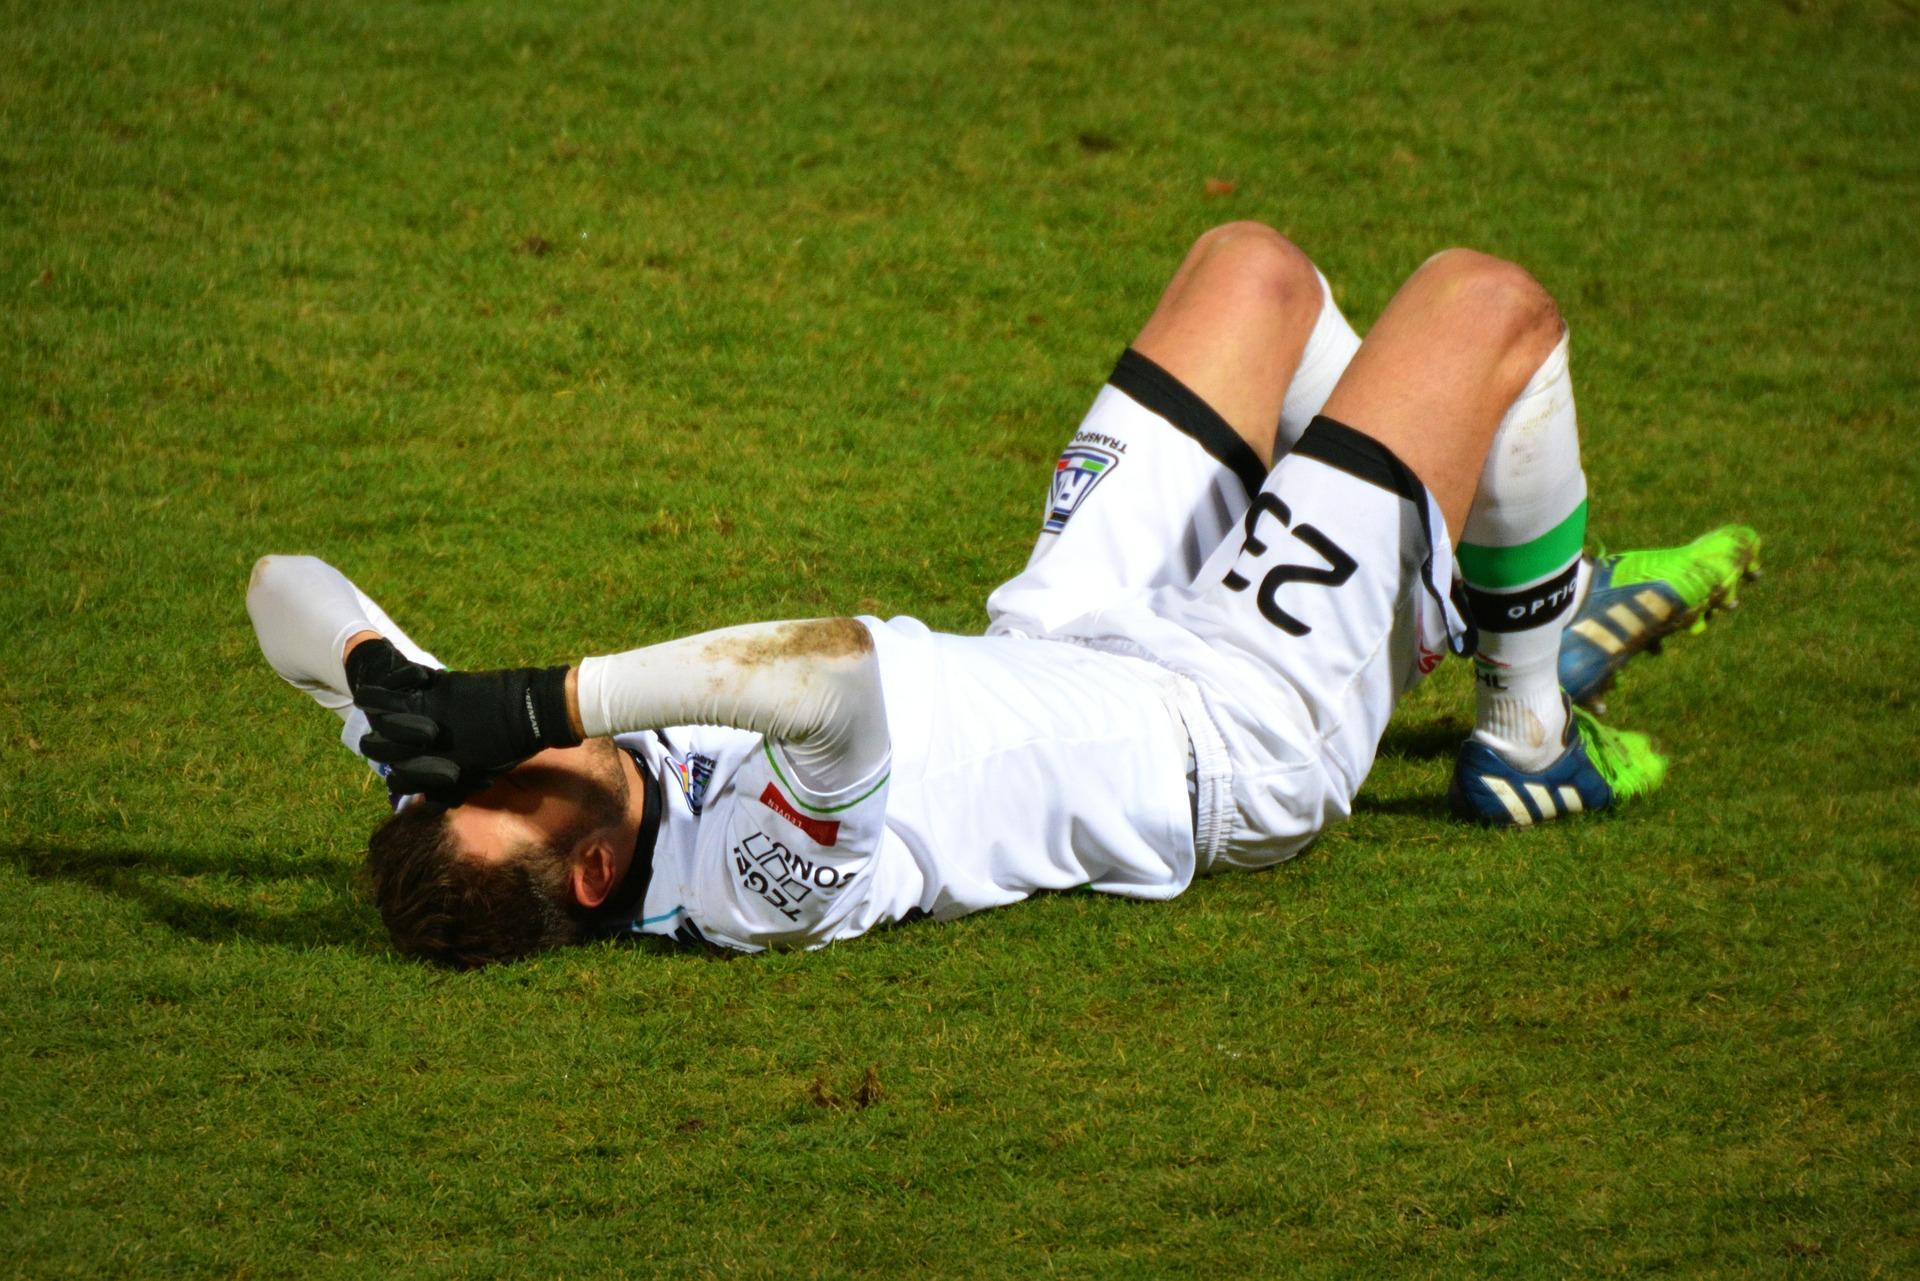 Infortunio al tendine di Achille per i calciatori: l'importanza dello stretching